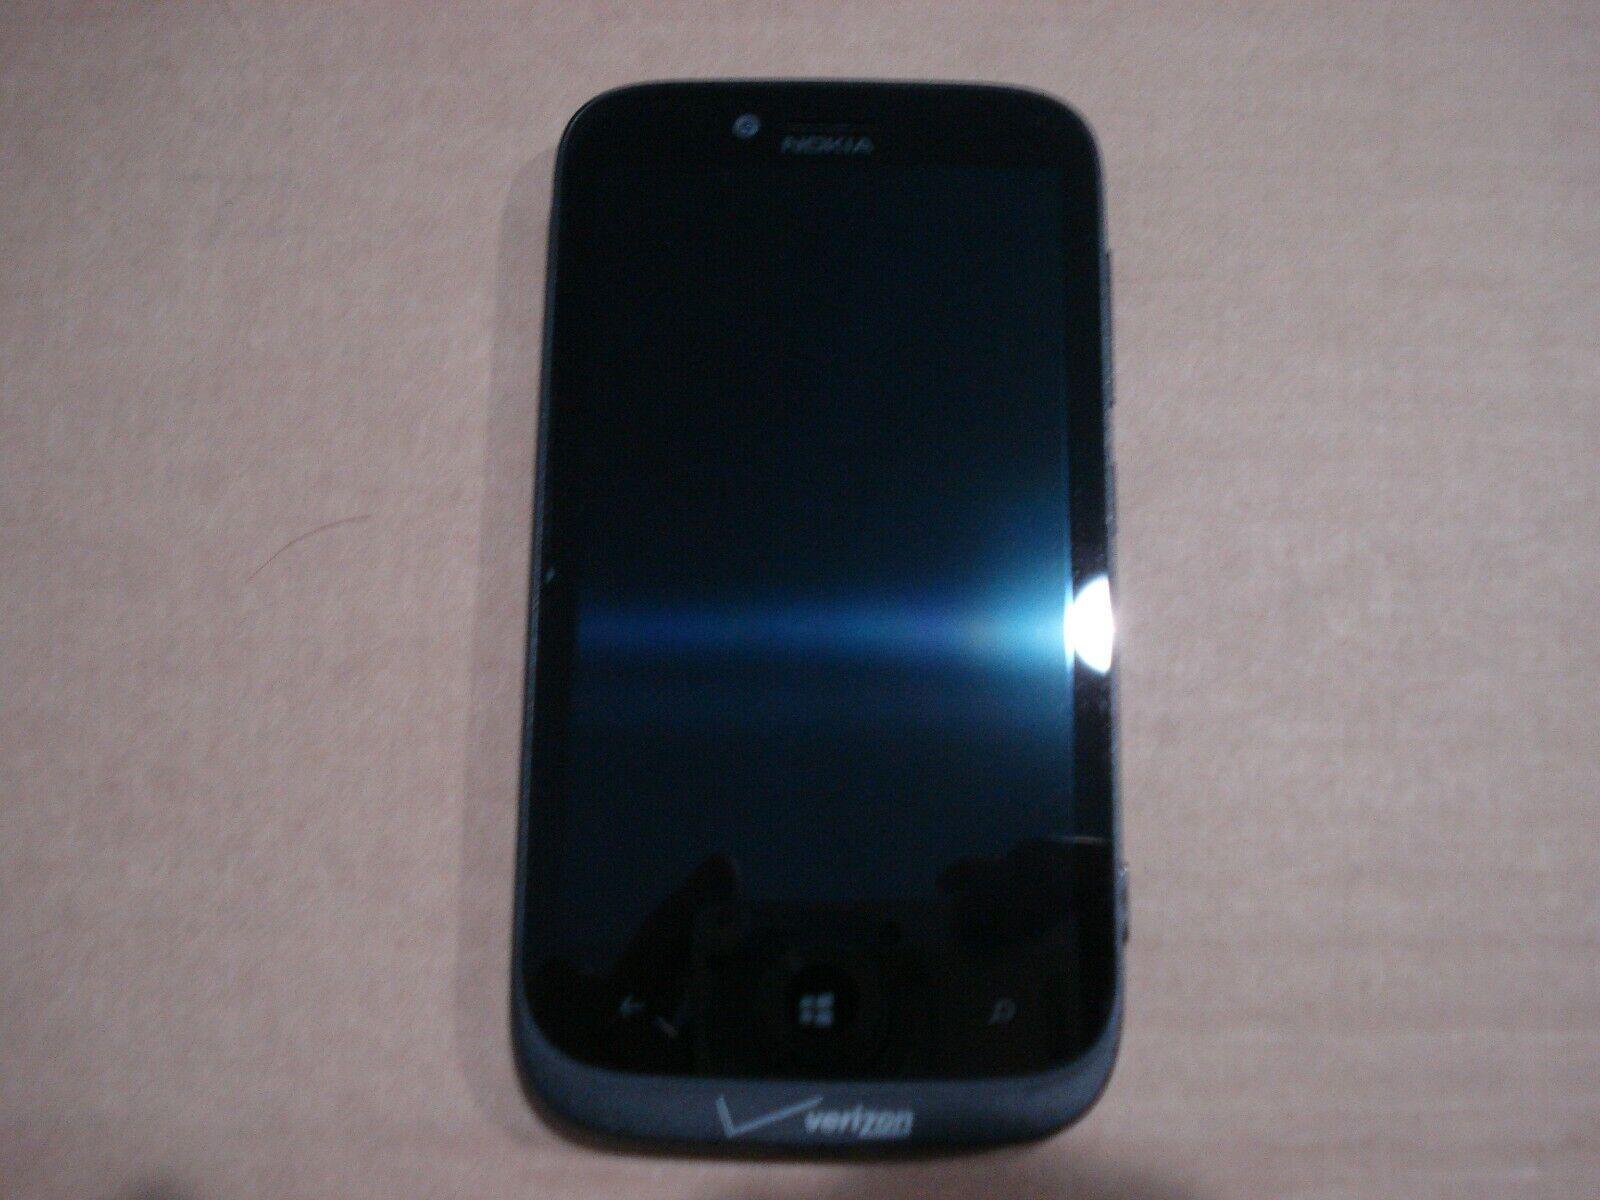 Nokia Lumia 822 Windows 8.1 Smartphone 16GB Verizon- Black Used RM-845  - $0.99